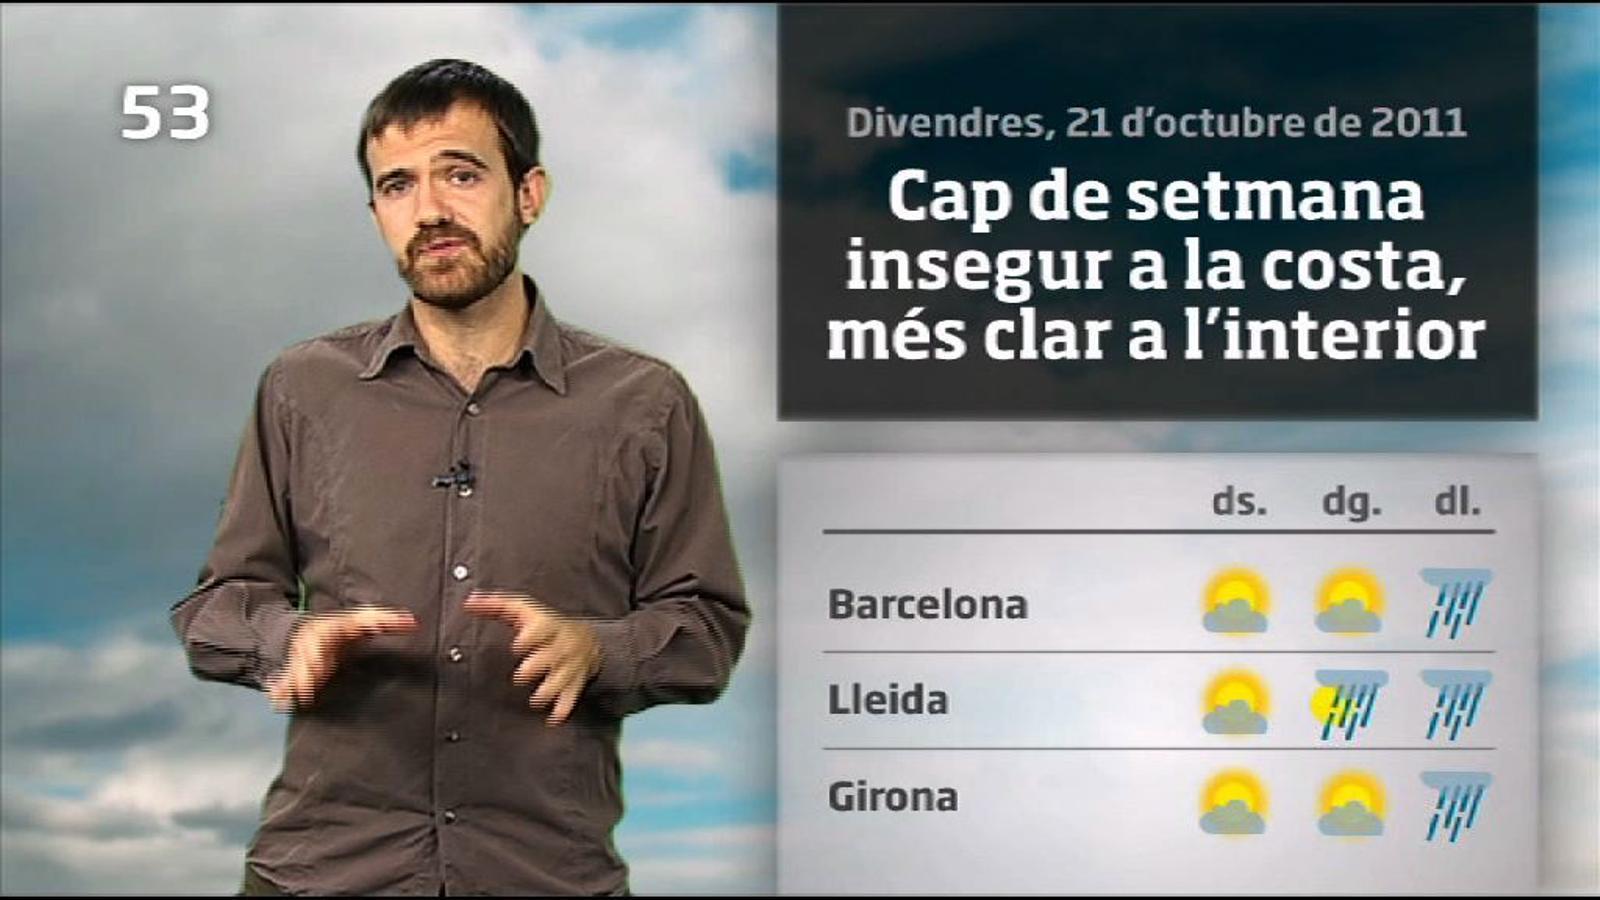 La méteo en 1 minut: les pluges arriben diumenge a última hora (22/10/2011)